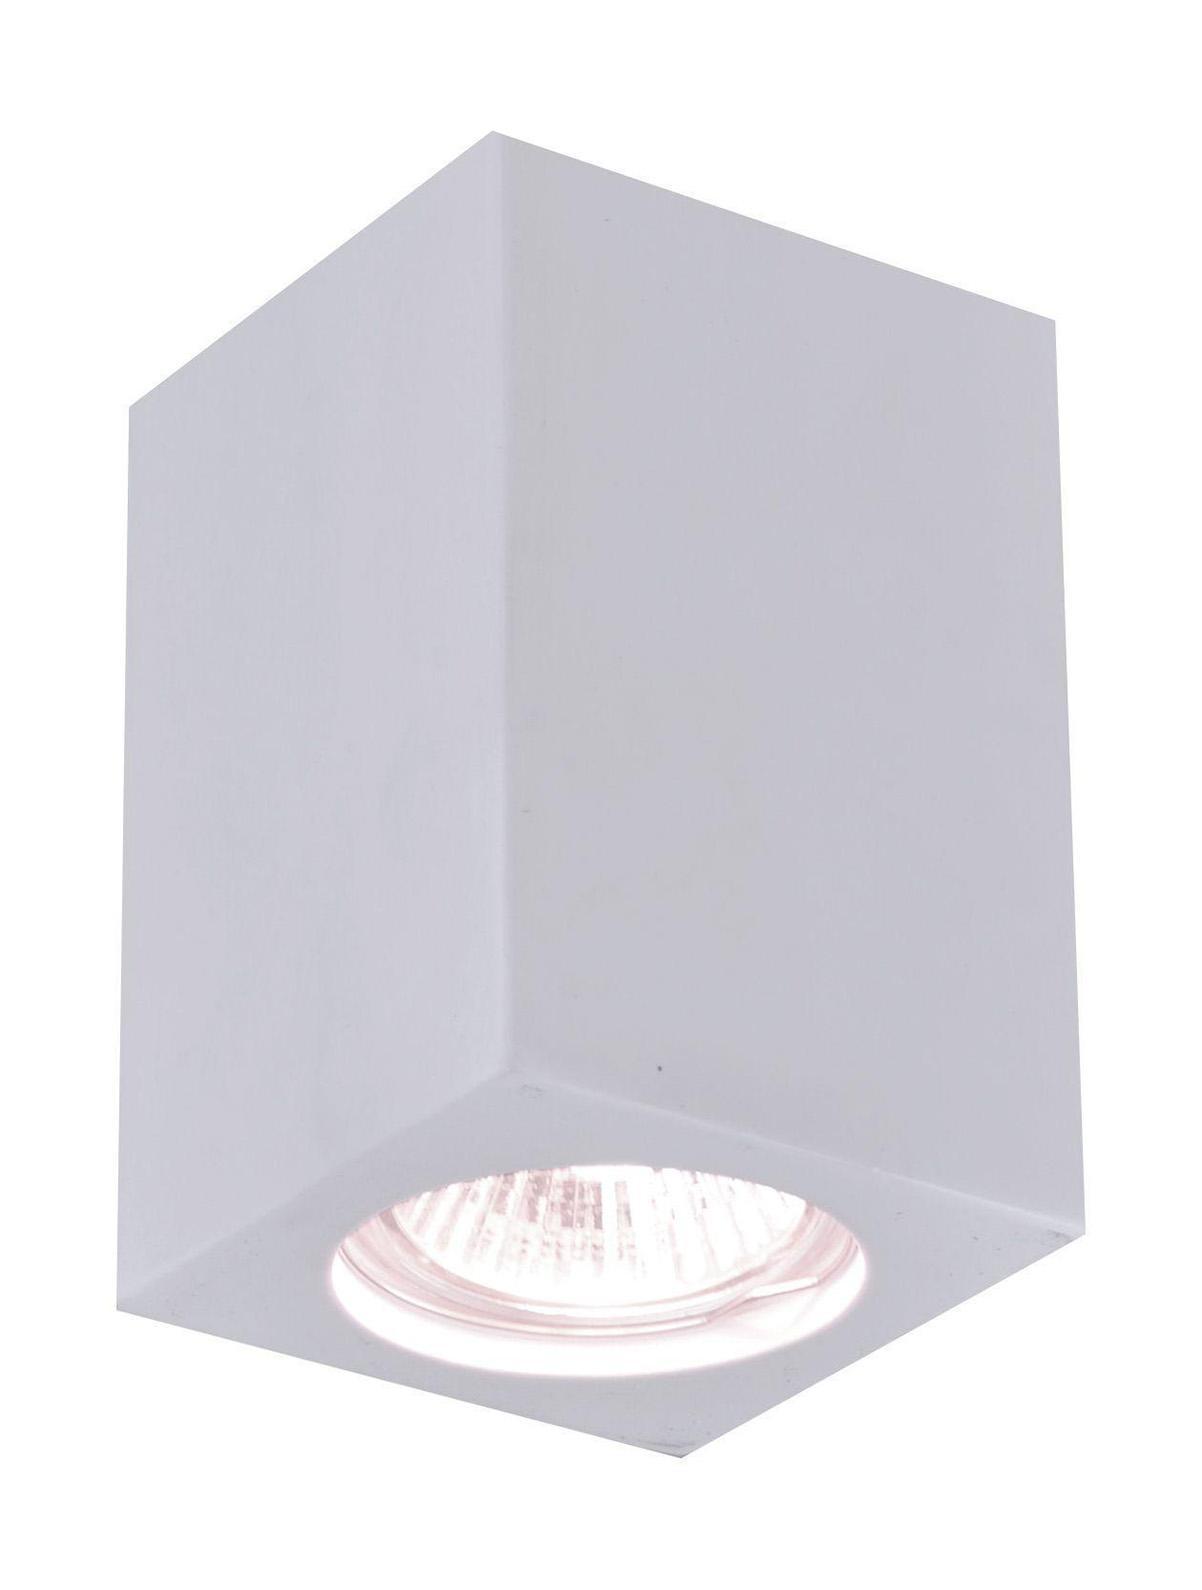 Светильник встраиваемый Arte lampСветильники встраиваемые<br>Стиль светильника: модерн,<br>Диаметр: 70,<br>Форма светильника: квадрат,<br>Материал светильника: металл,<br>Количество ламп: 1,<br>Тип лампы: накаливания,<br>Мощность: 35,<br>Патрон: GU10,<br>Цвет арматуры: белый,<br>Назначение светильника: для комнаты<br>